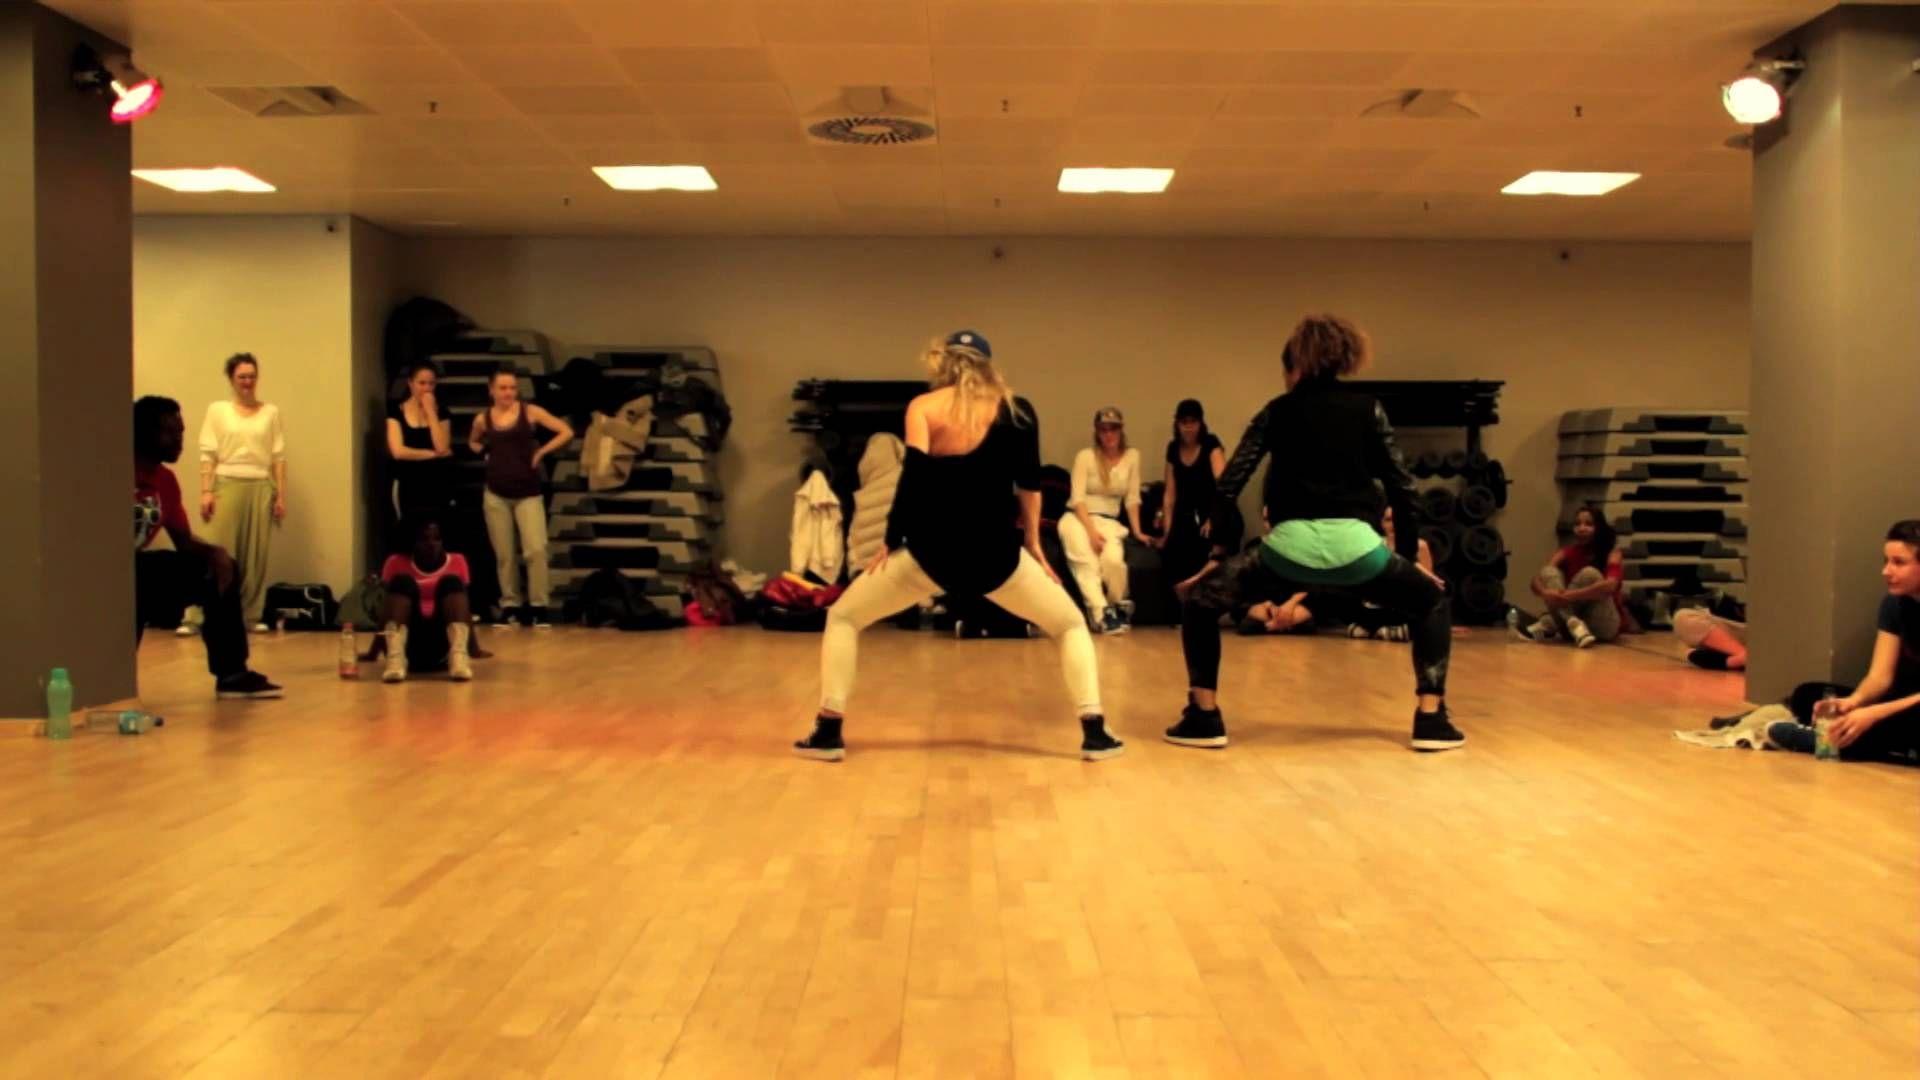 Laure Courtellemont RAGGA JAM DANCEHALL - T.O.K bubble up Dance video